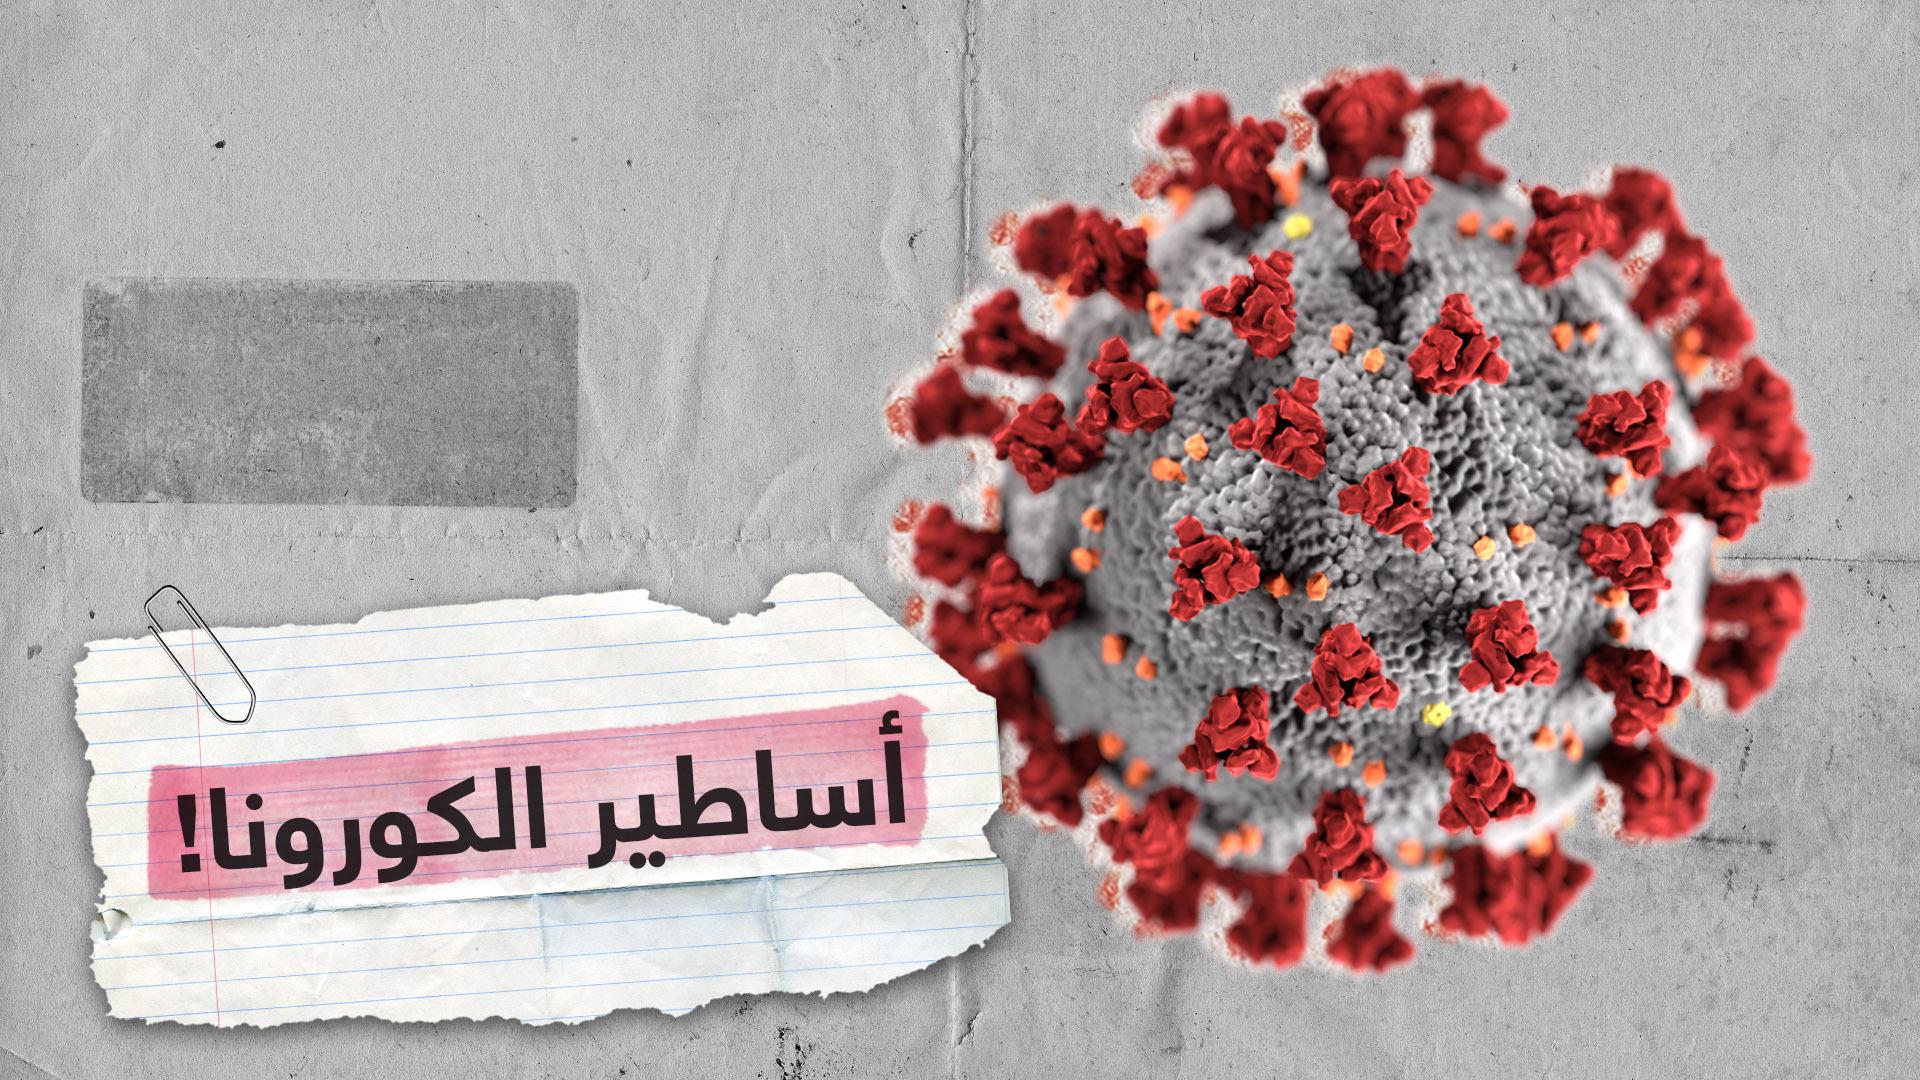 طبيب ينفي صحة 9 أوهام شائعة بخصوص كيفية تفادي الإصابة بفيروس كورونا